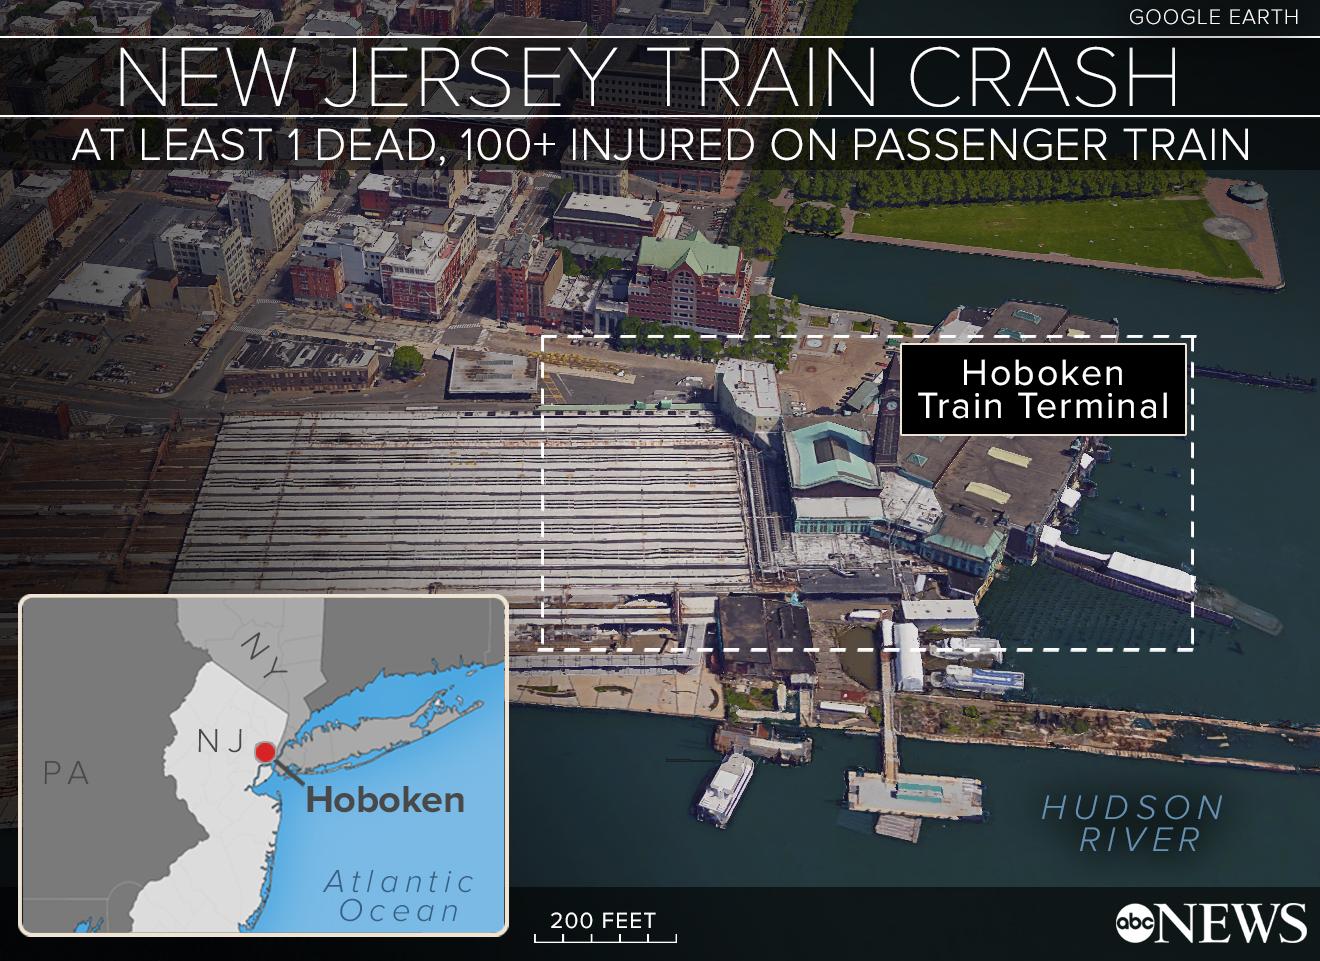 NJ Transit Passengers Said Crash 'Sounded Like a Bomb' - ABC News